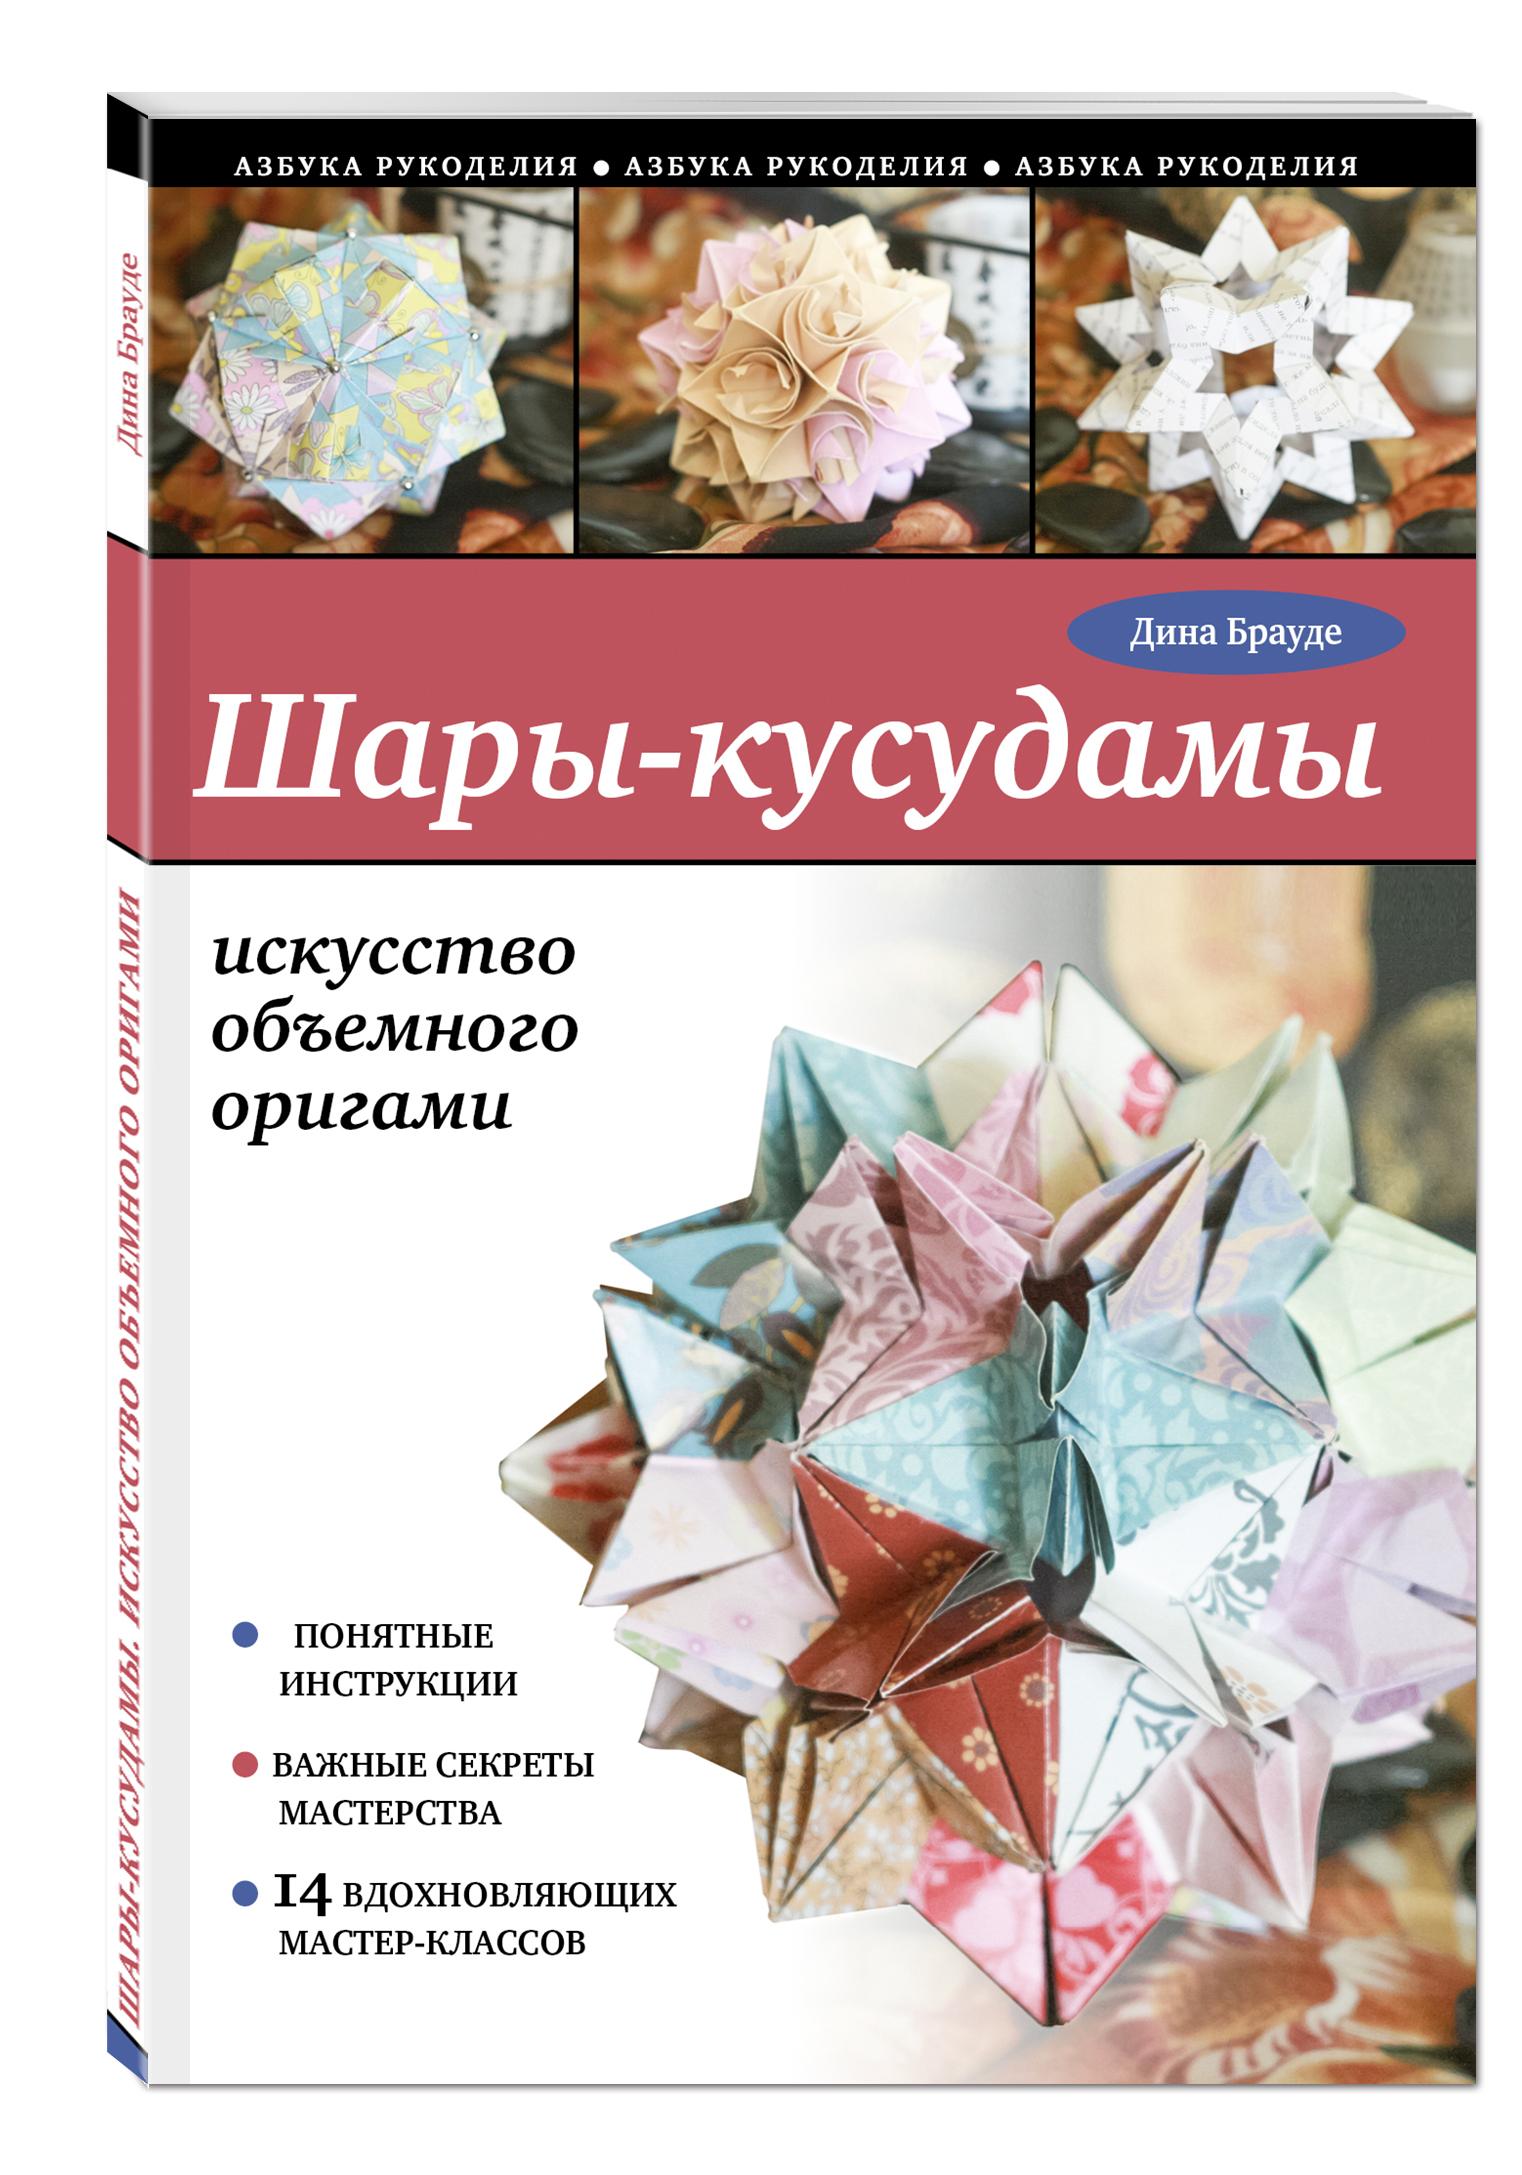 Мальцев В.С., Баймухаметова Д.С. Шары-кусудамы: искусство объемного оригами